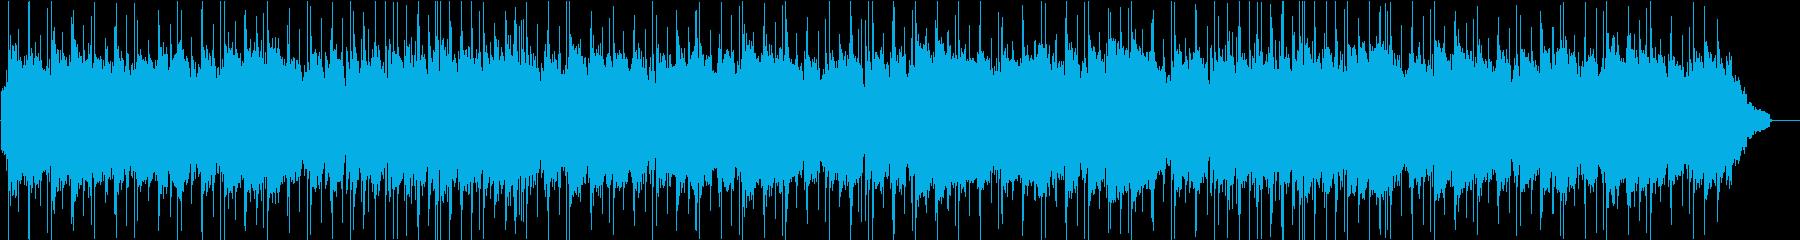 ゆったりアンニュイでお洒落な曲の再生済みの波形